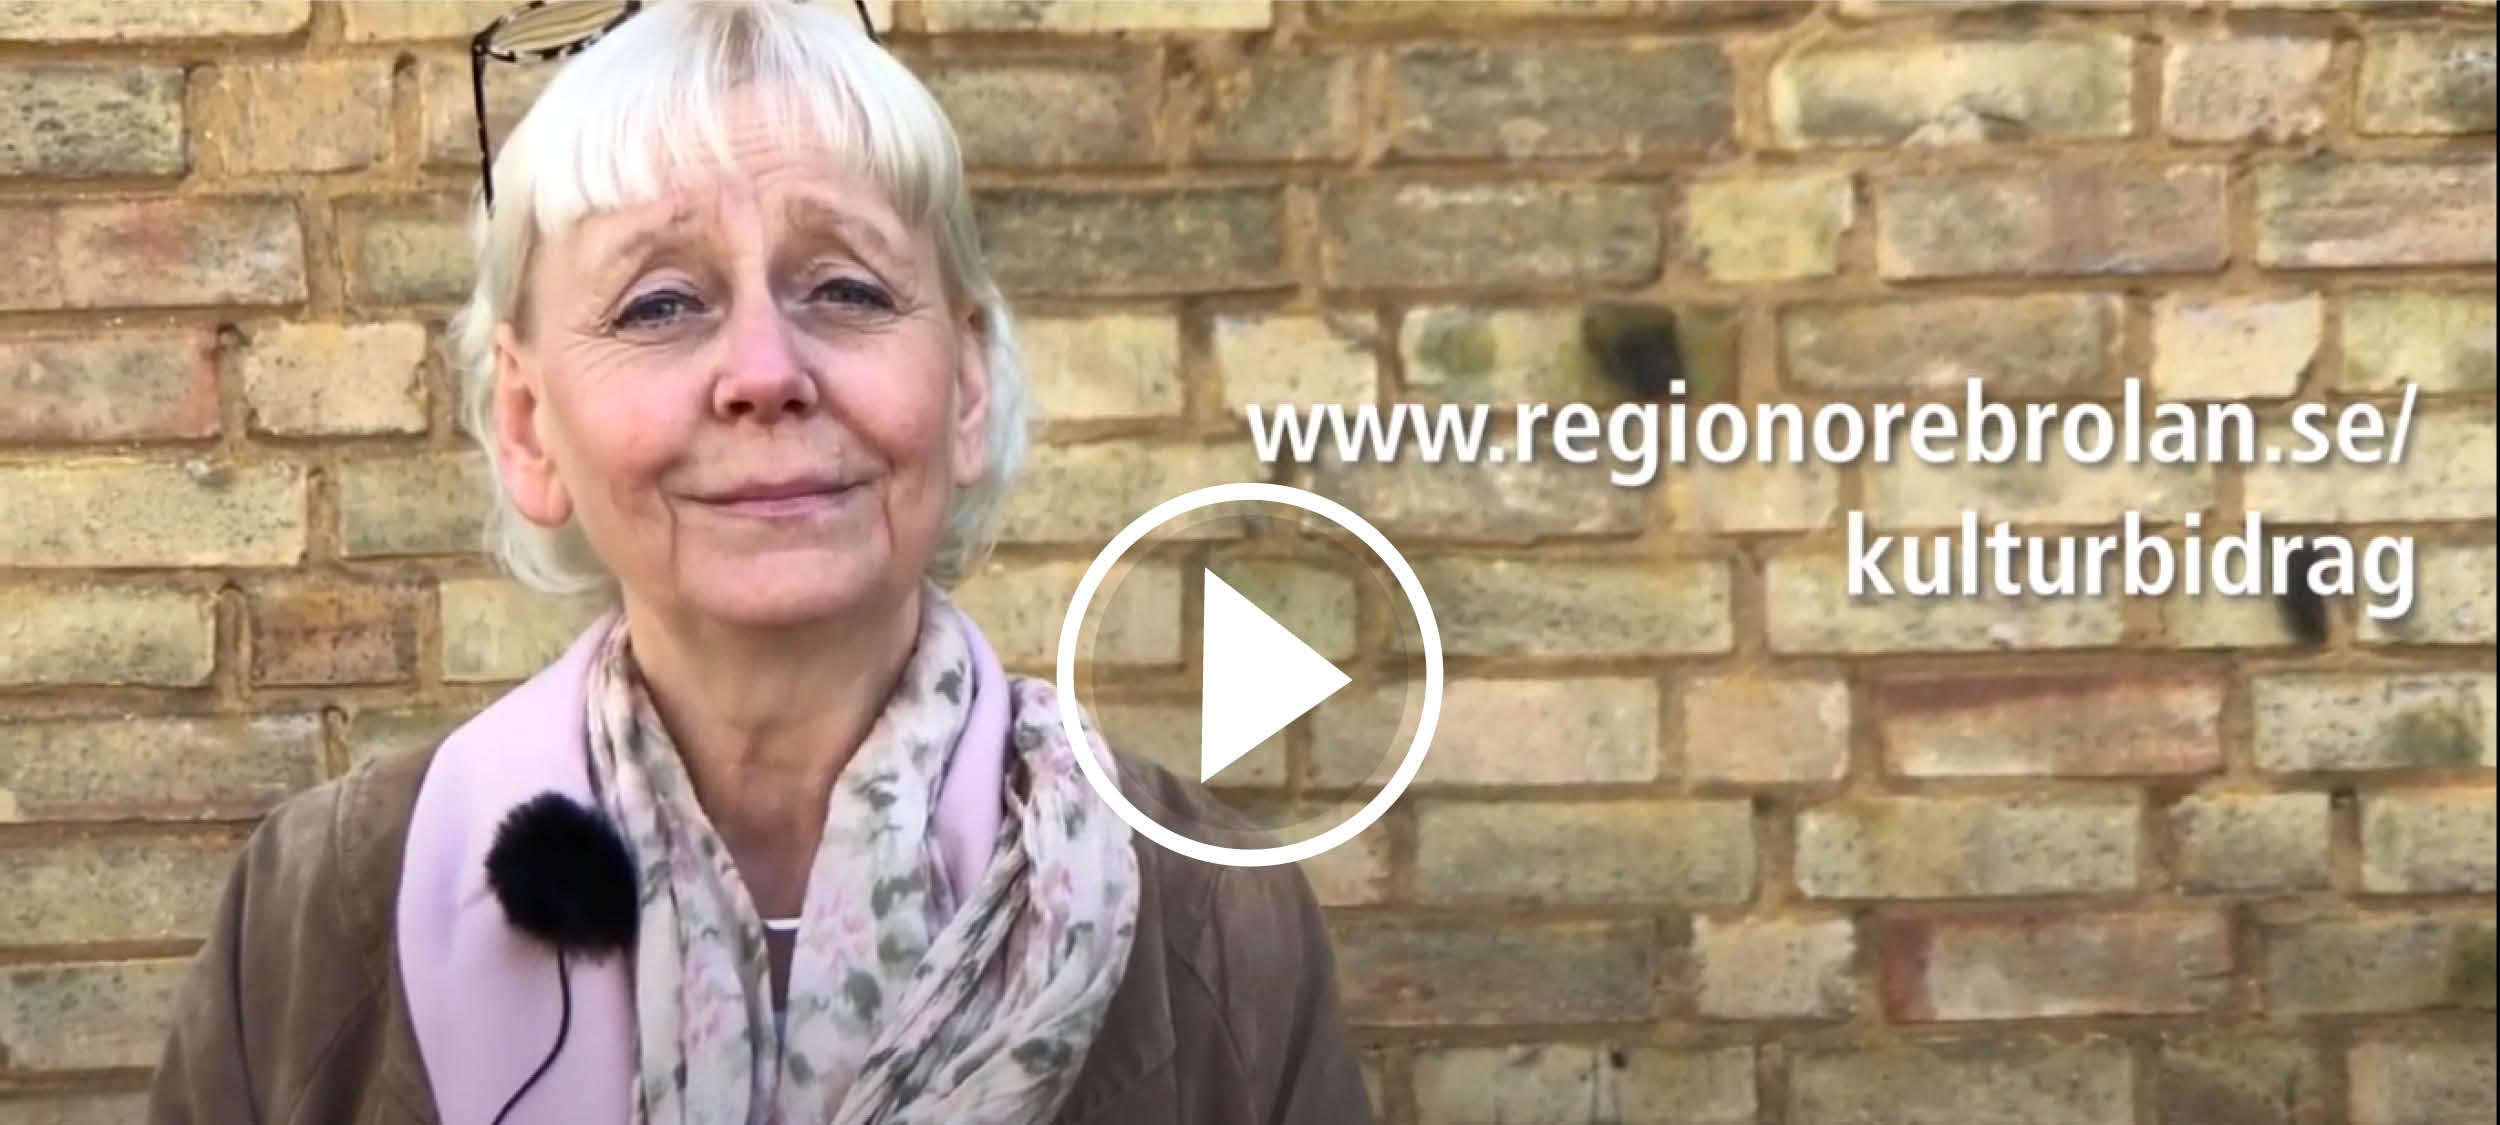 Klicka på bilden för att se filmklippet om stödåtgärder till kulturliv och civilsamhälle